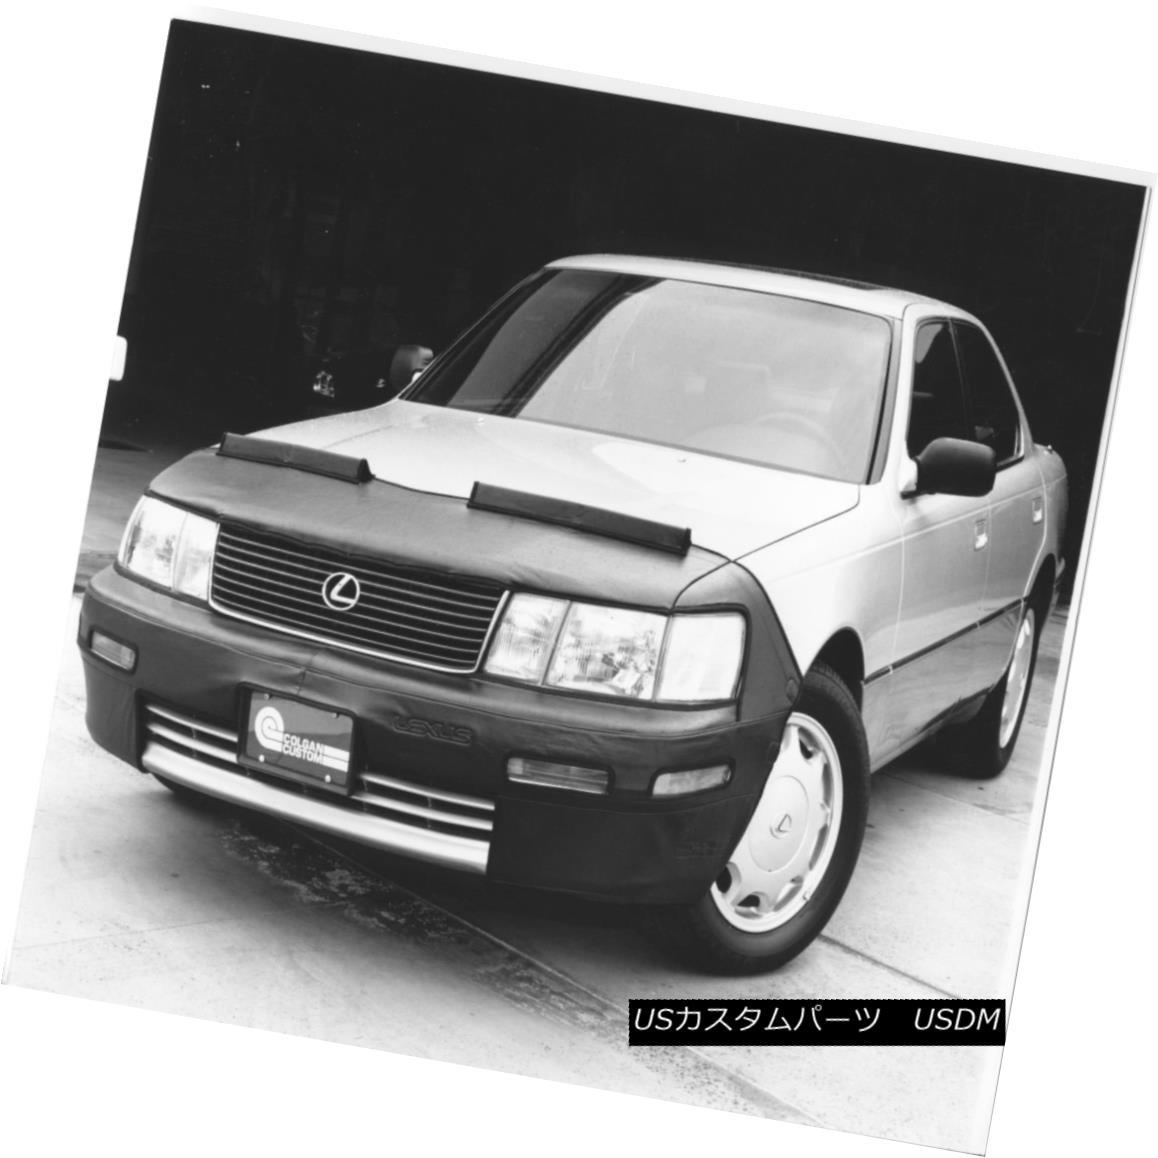 フルブラ ノーズブラ Colgan 2pc. Mask Bra + Mirror Covers Fits Lexus LS400 1990-1994 With Front Plate コルガン2個。 マスクブラ&ミラーカバーはLexus LS400 1990-1994に適合フロントプレート付き